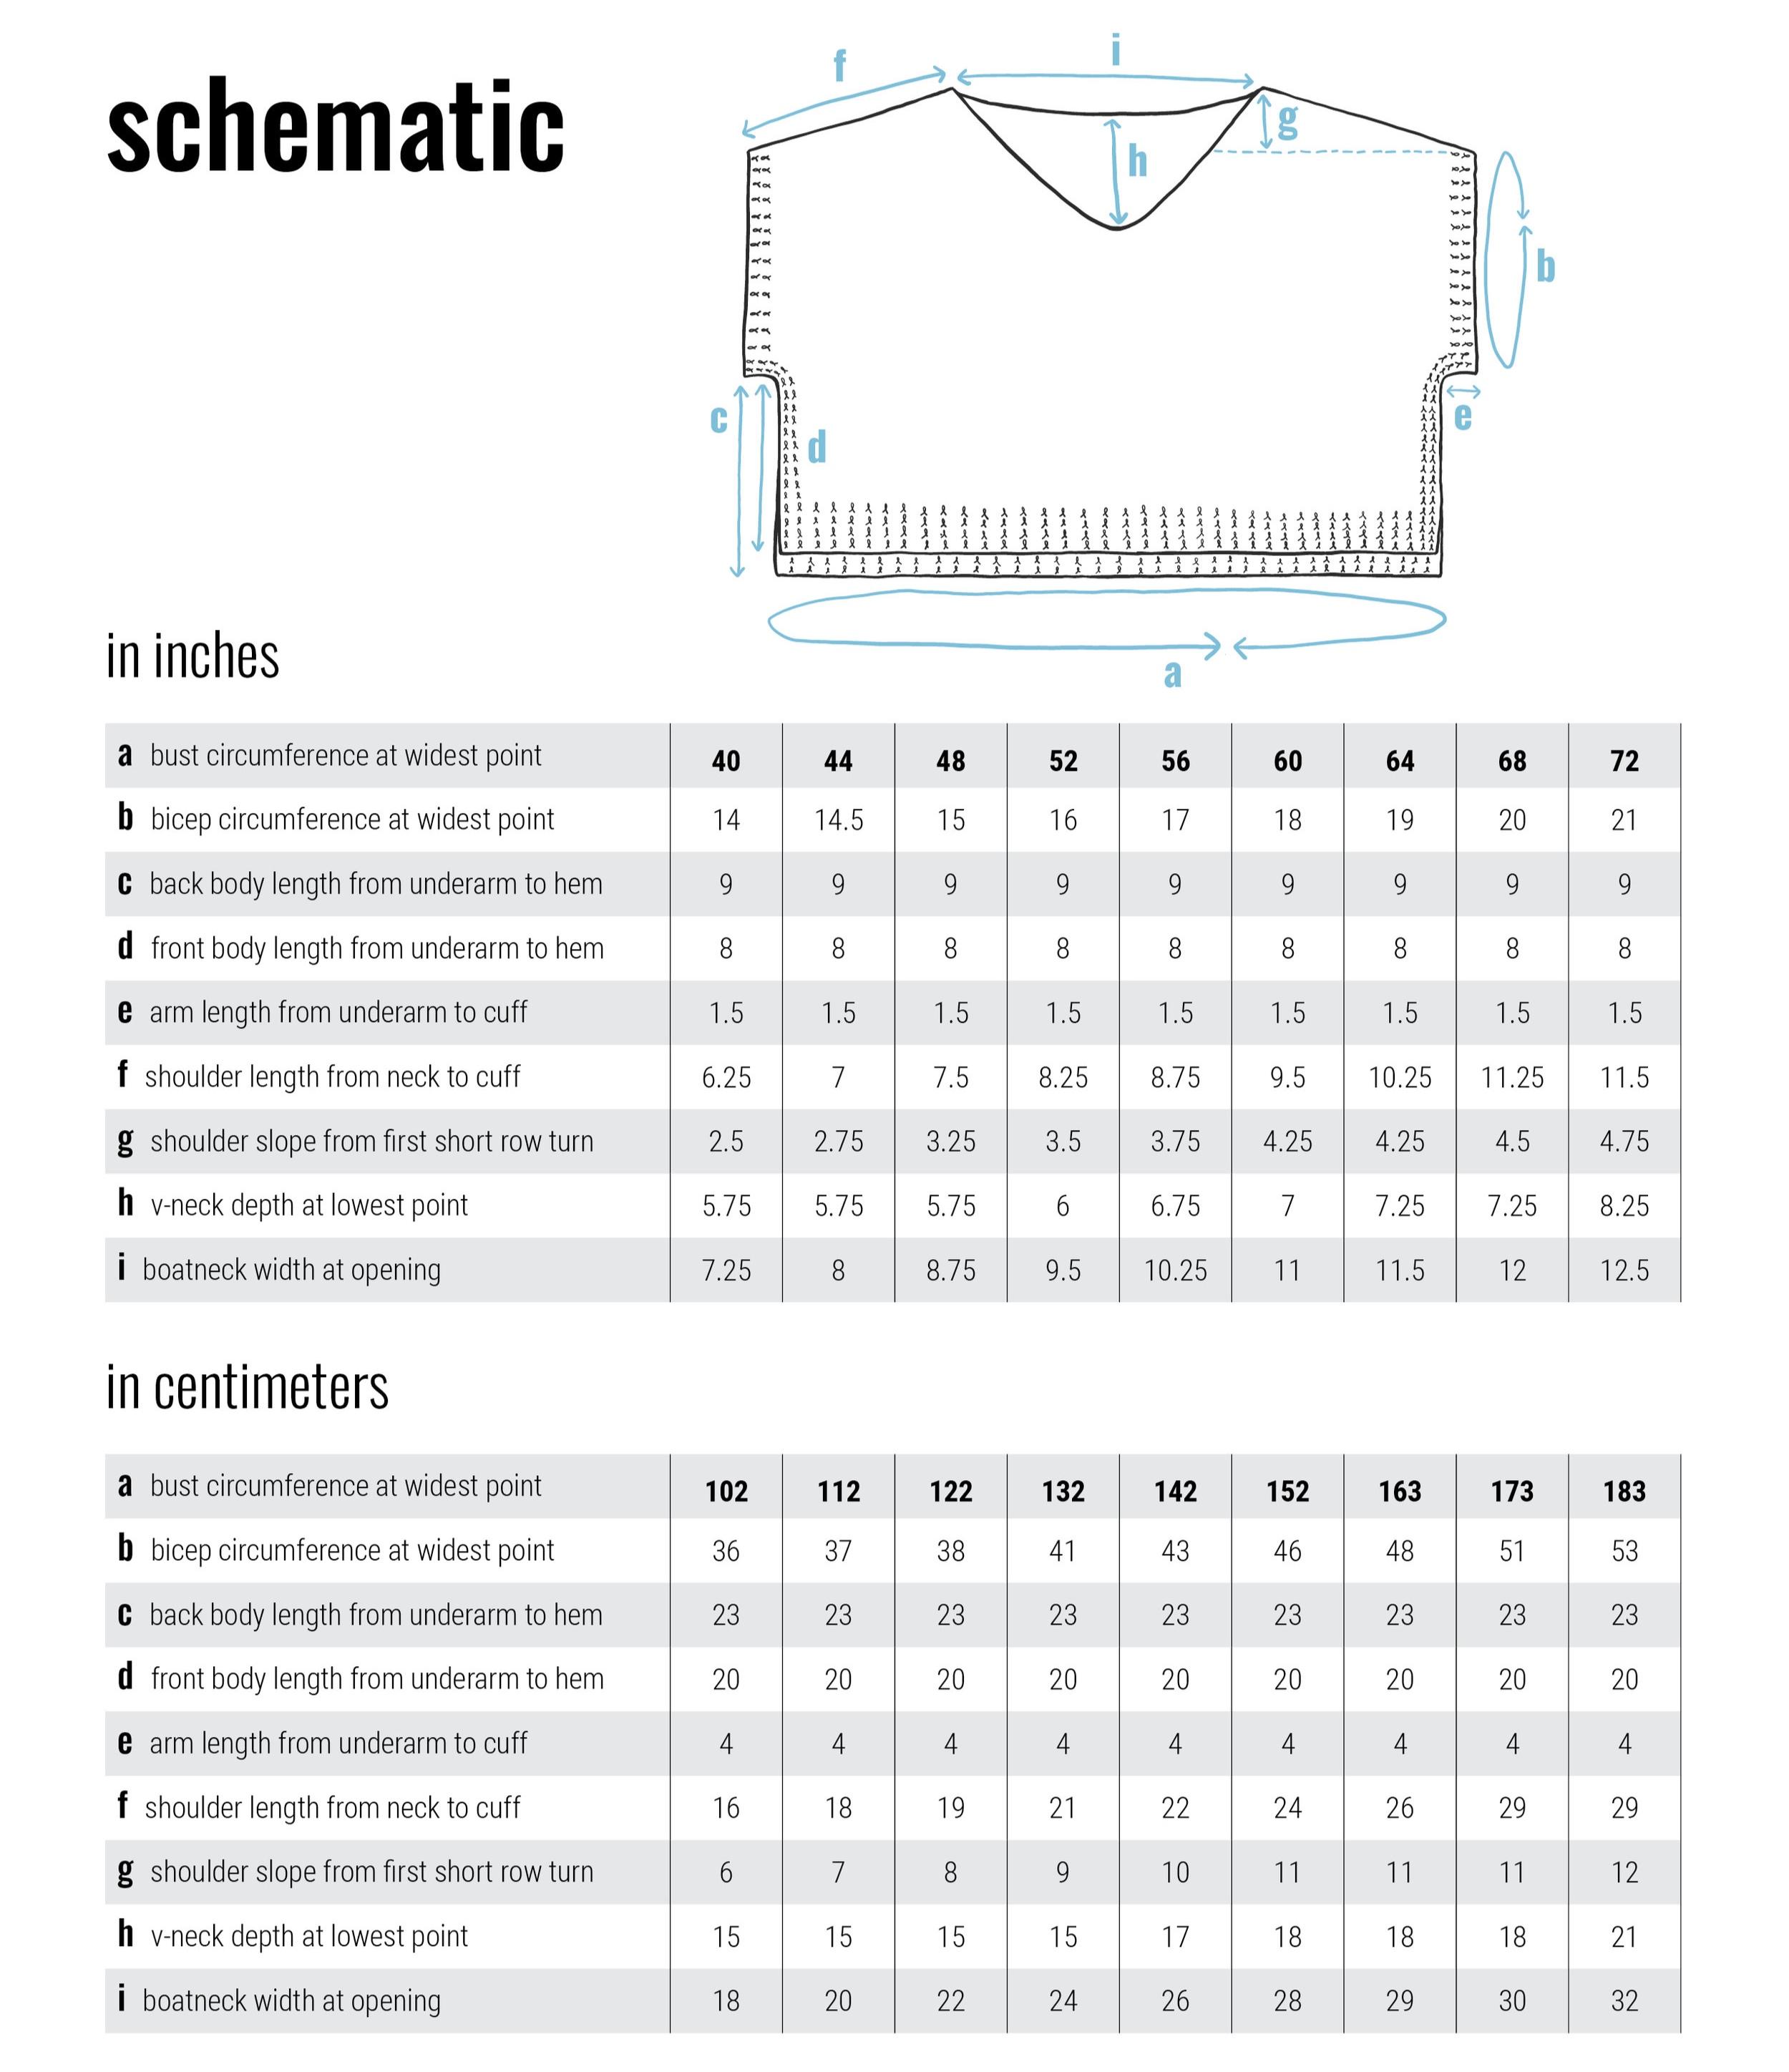 rift-schematic.jpg